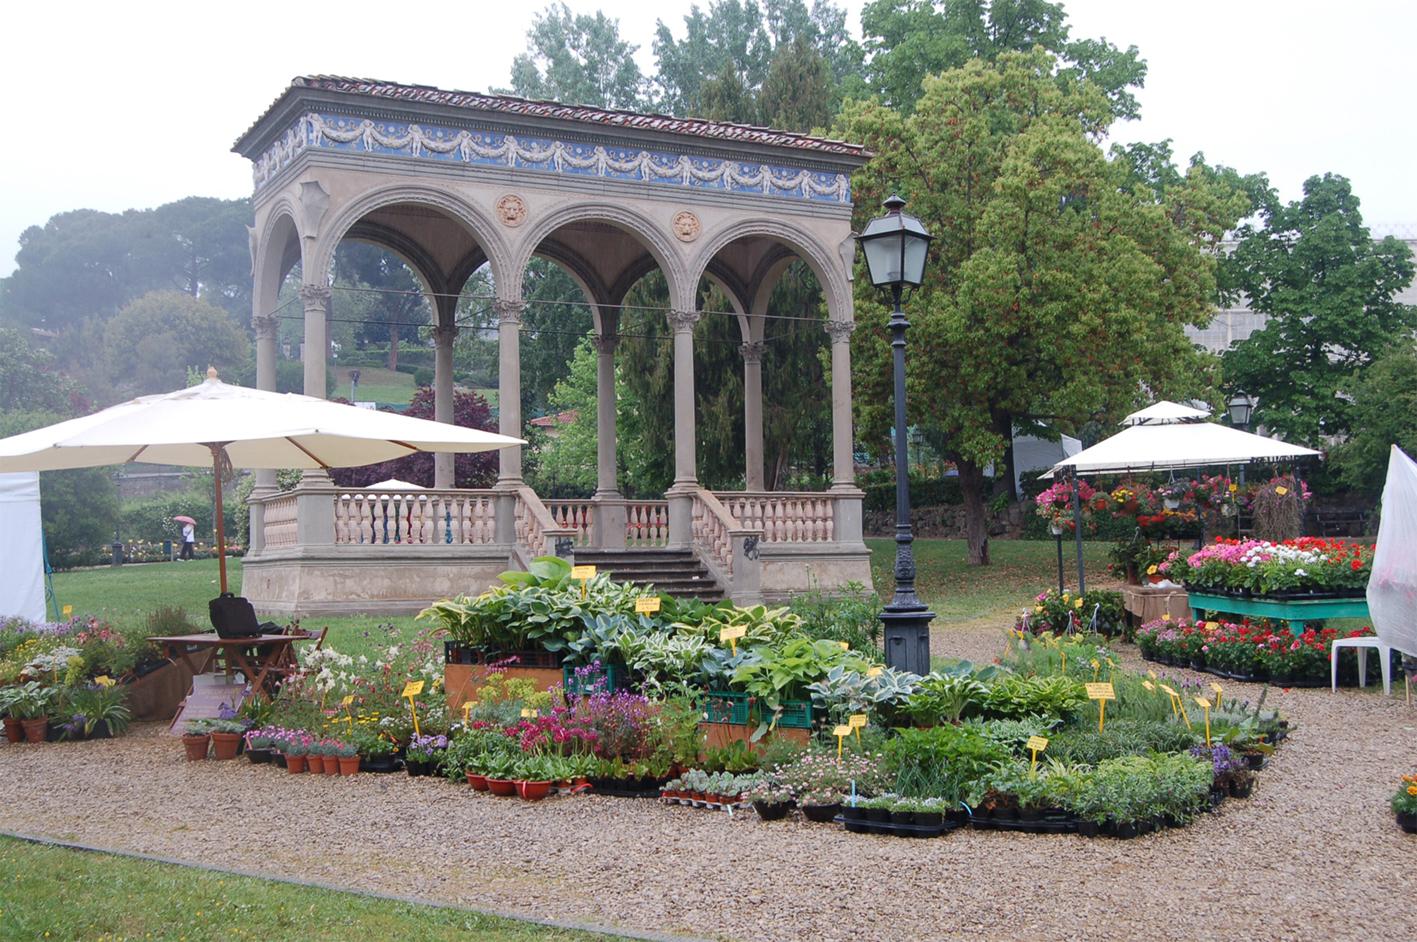 Immagini Piante E Fiori tourism in tuscany: mostra di piante e fiori al giardino